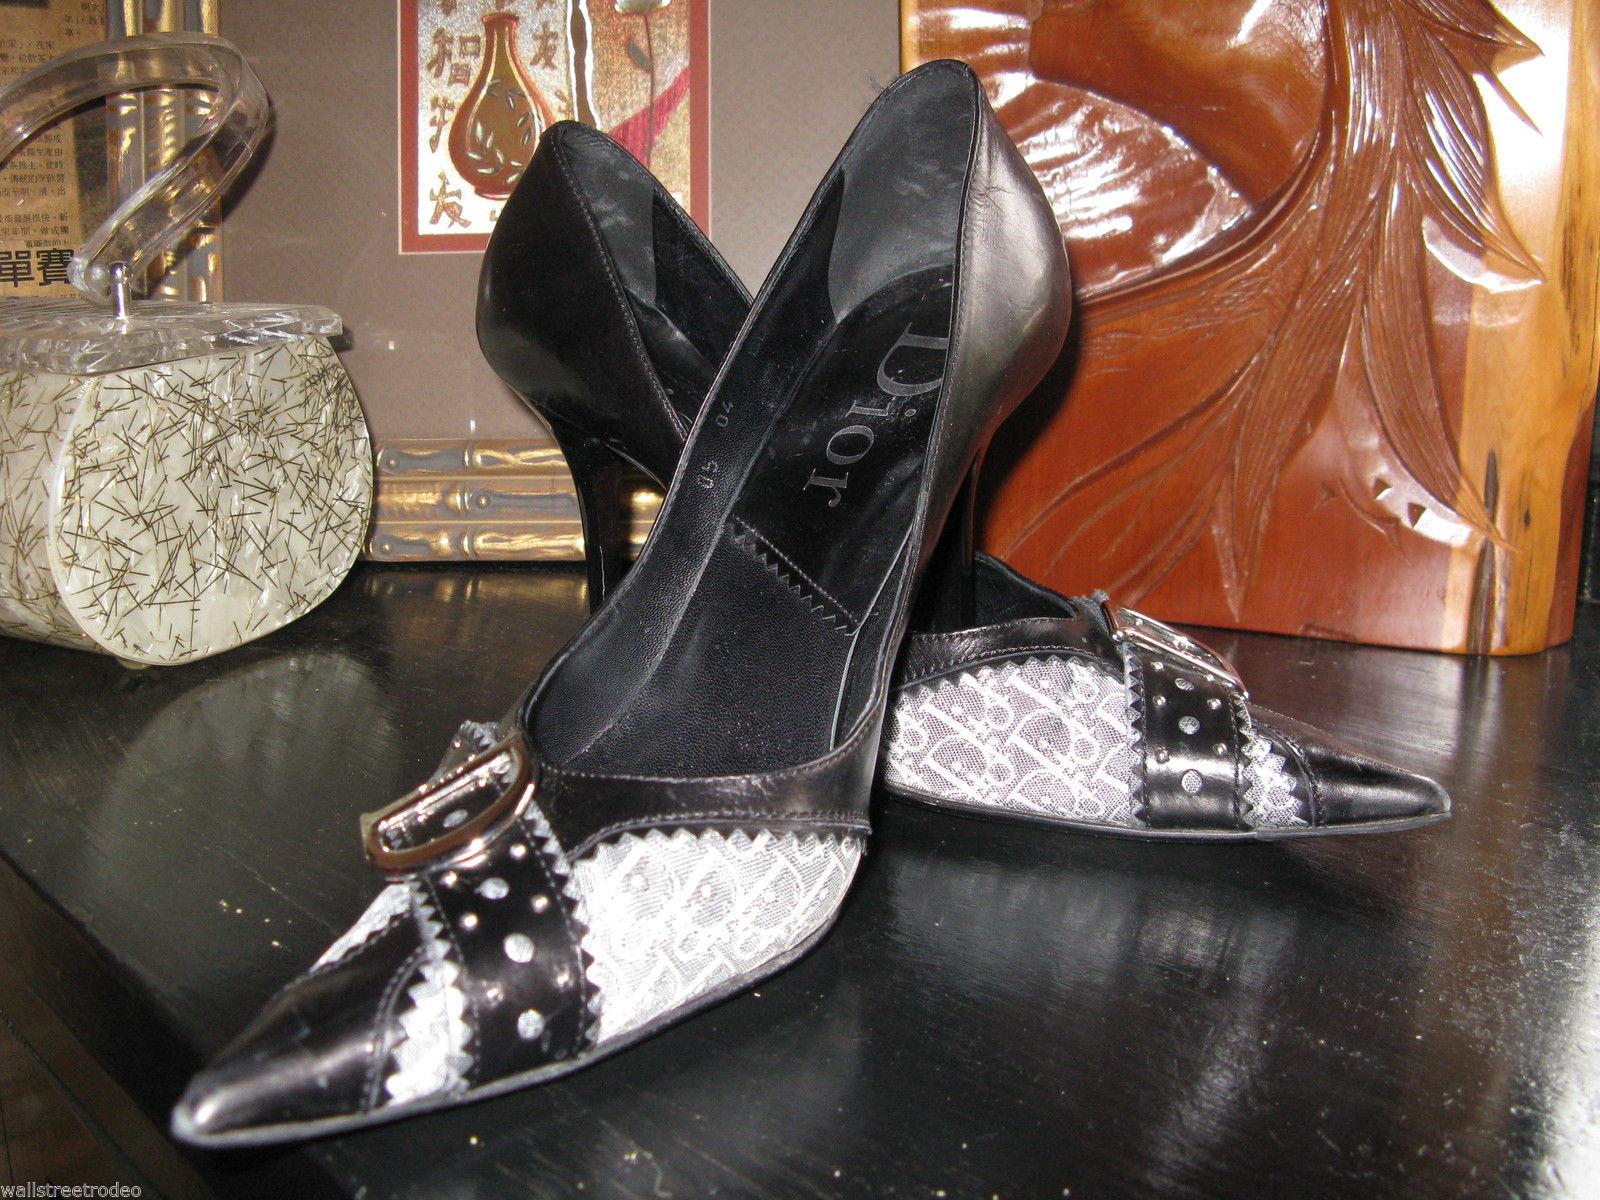 Dior D'Trick Pussycat Dolls logo stiletto runway pumps heels shoes 8 38 UK5.5 - $325.97